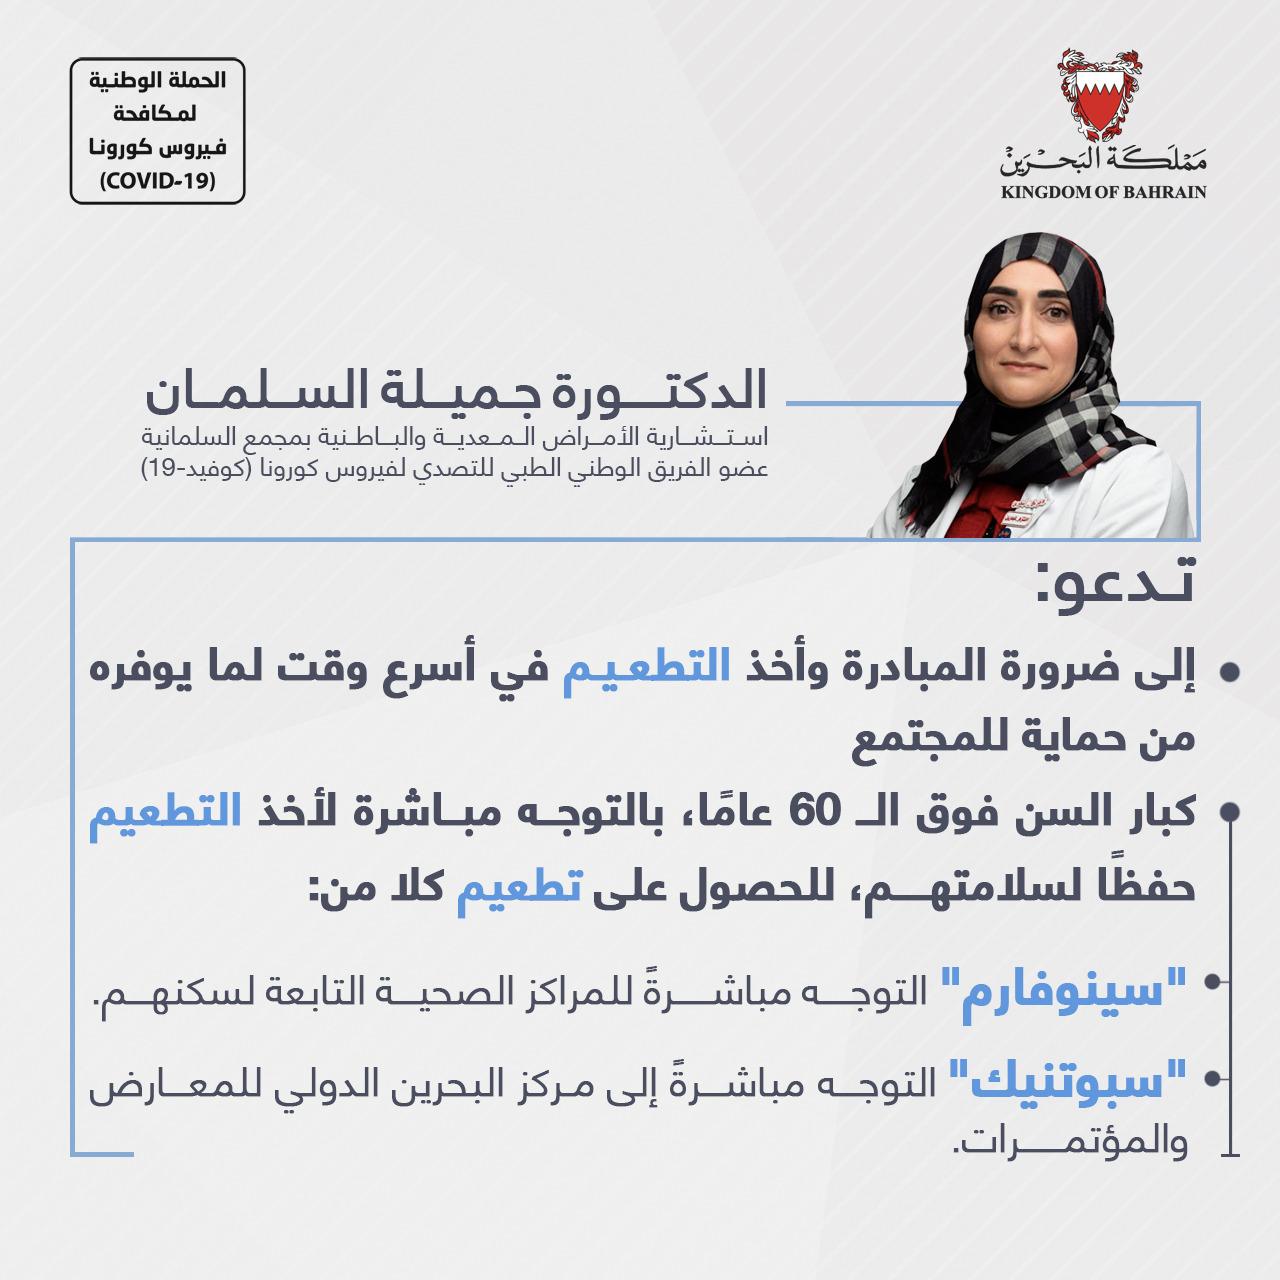 الدكتورة السلمان تدعو لضرورة المبادرة وأخذ التطعيم في أسرع وقت لما يوفره من حماية للمجتمع